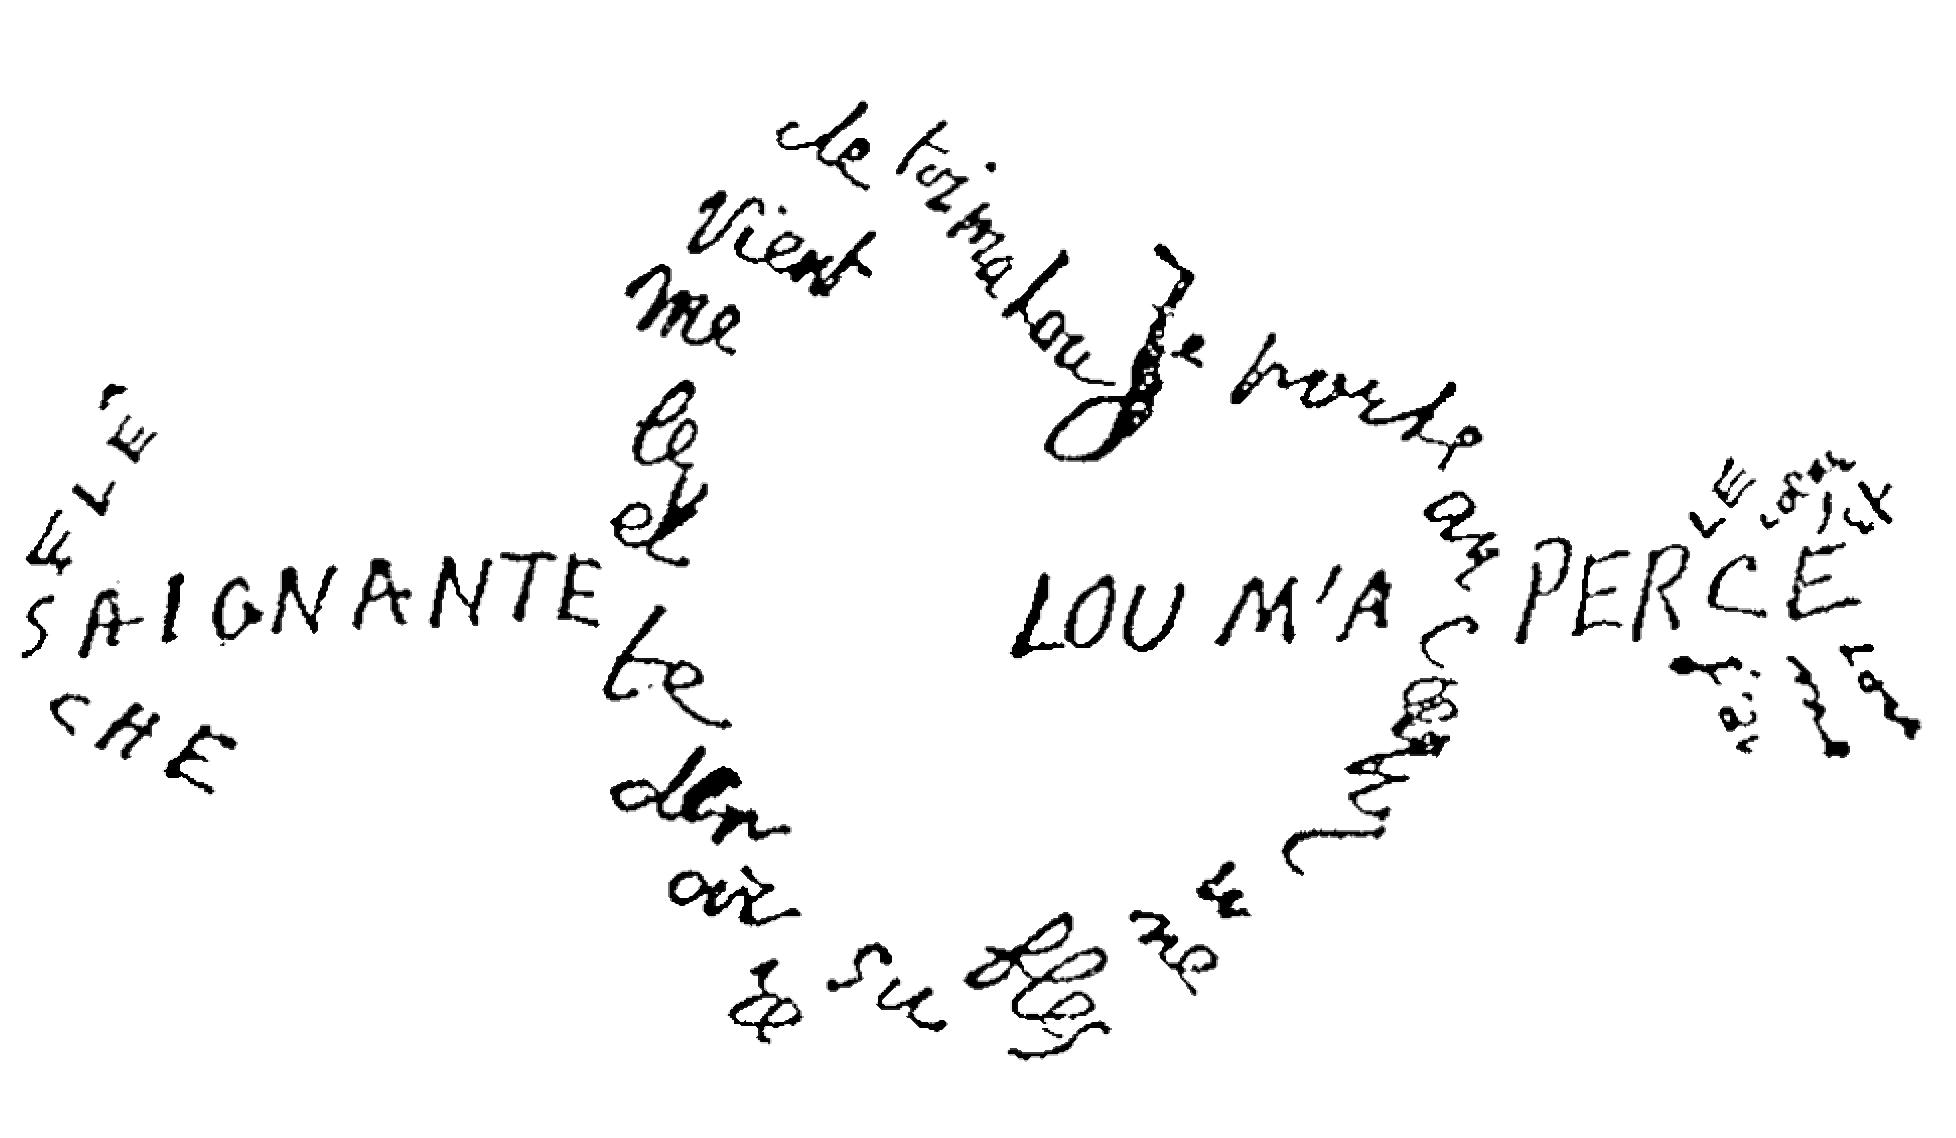 Sur les traces d'Apollinaire, participez au premier concours de Calligrammes Outre-mer